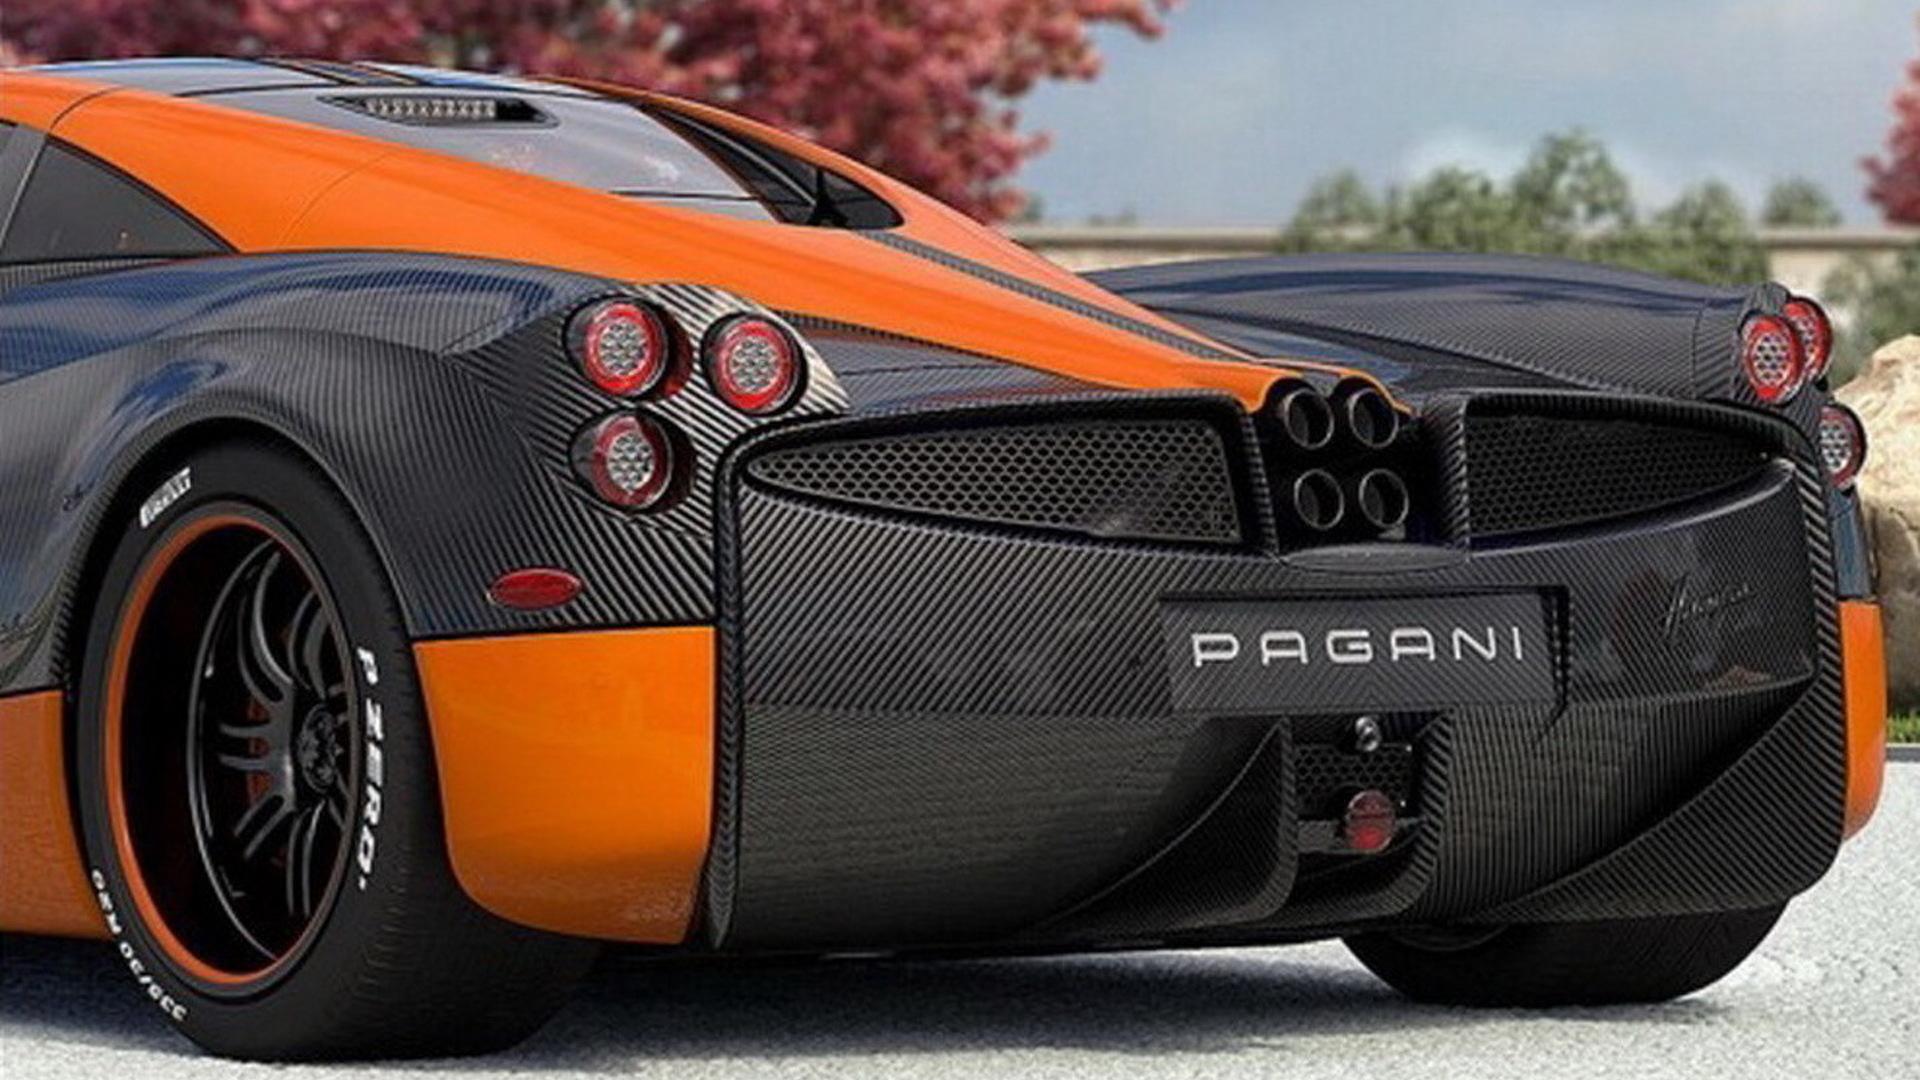 Pagani Huayra For Sale >> Pagani Huayra News and Reviews | Motor1.com